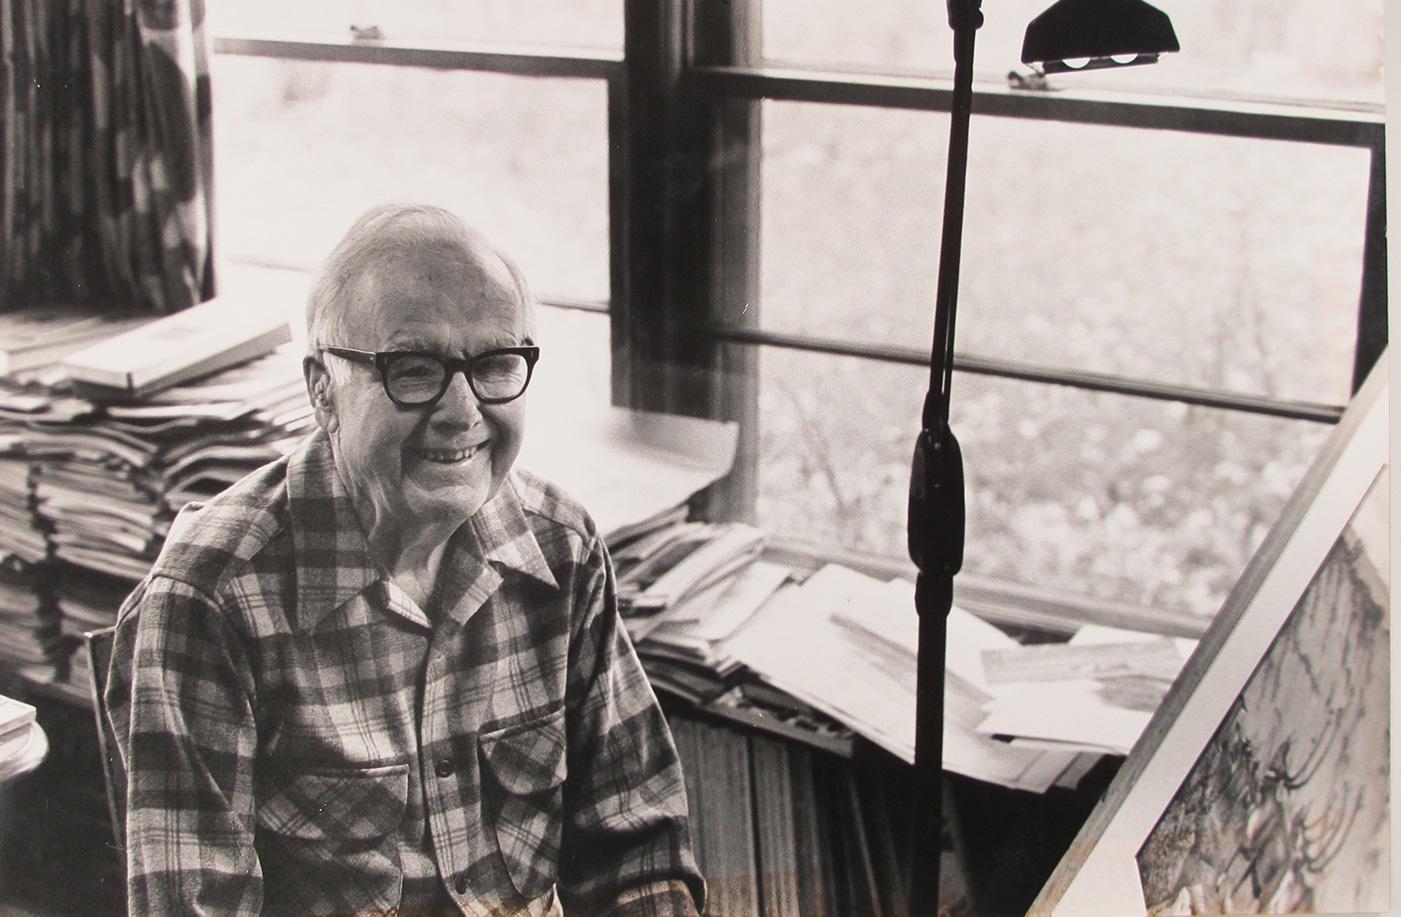 Breck in his home art studio